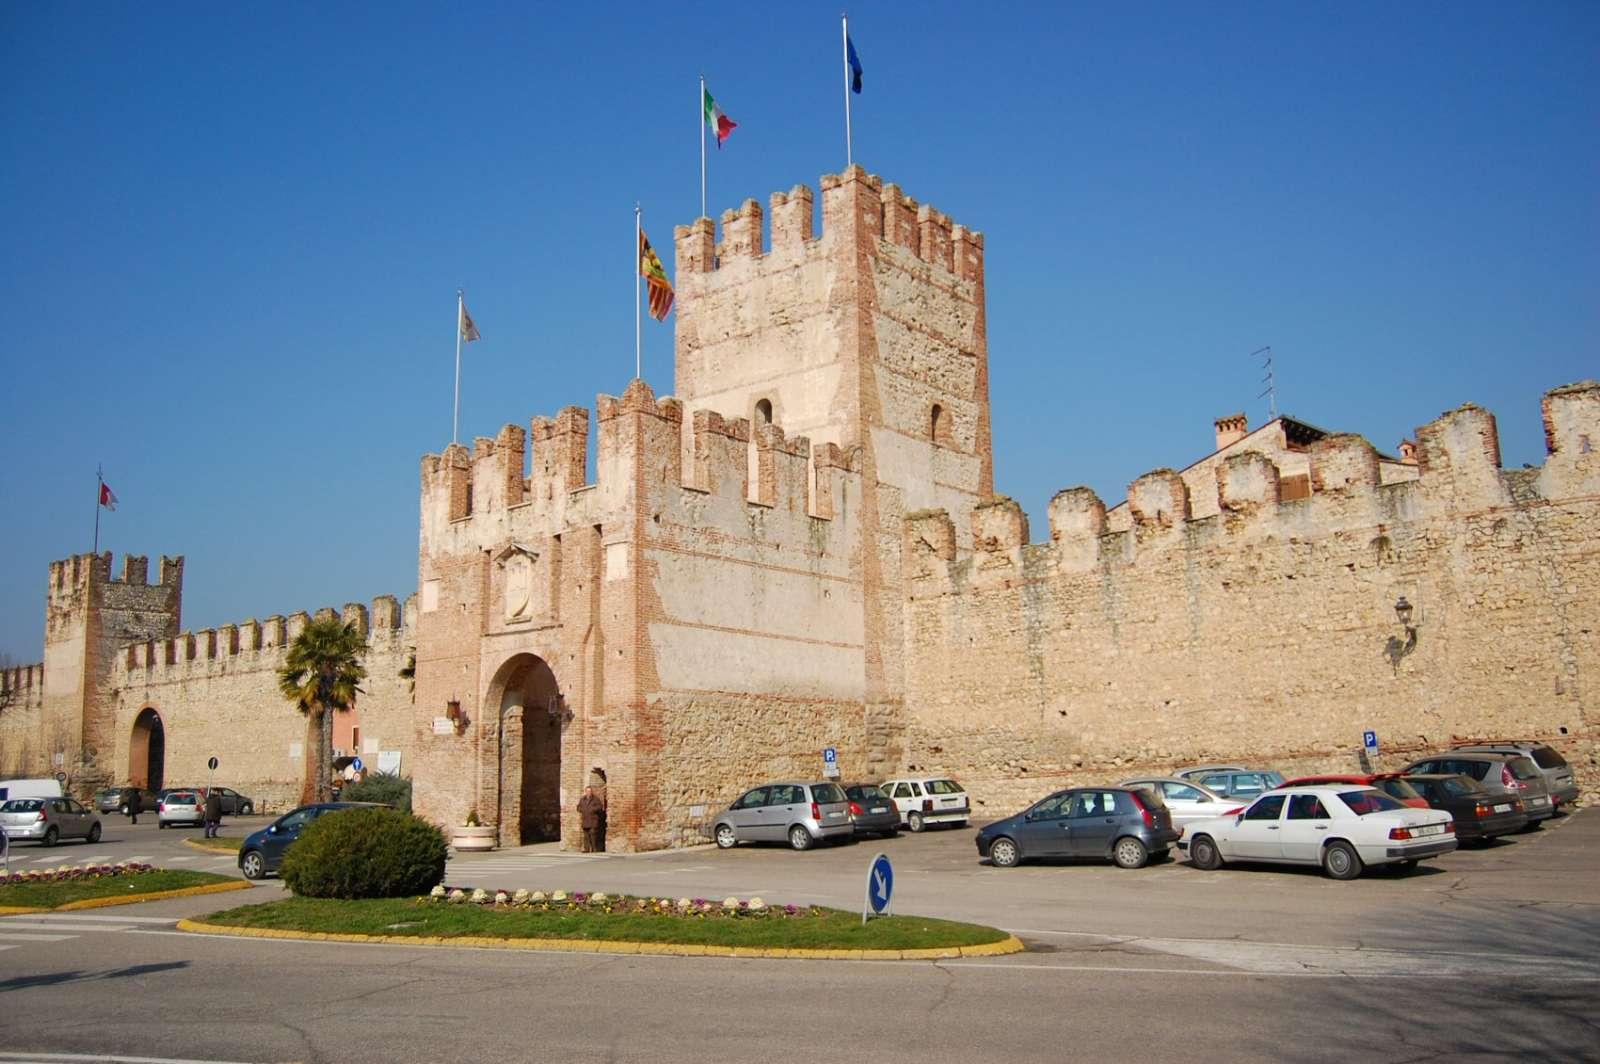 Soaves Stadtmauer und Porta Verona in der Mitte